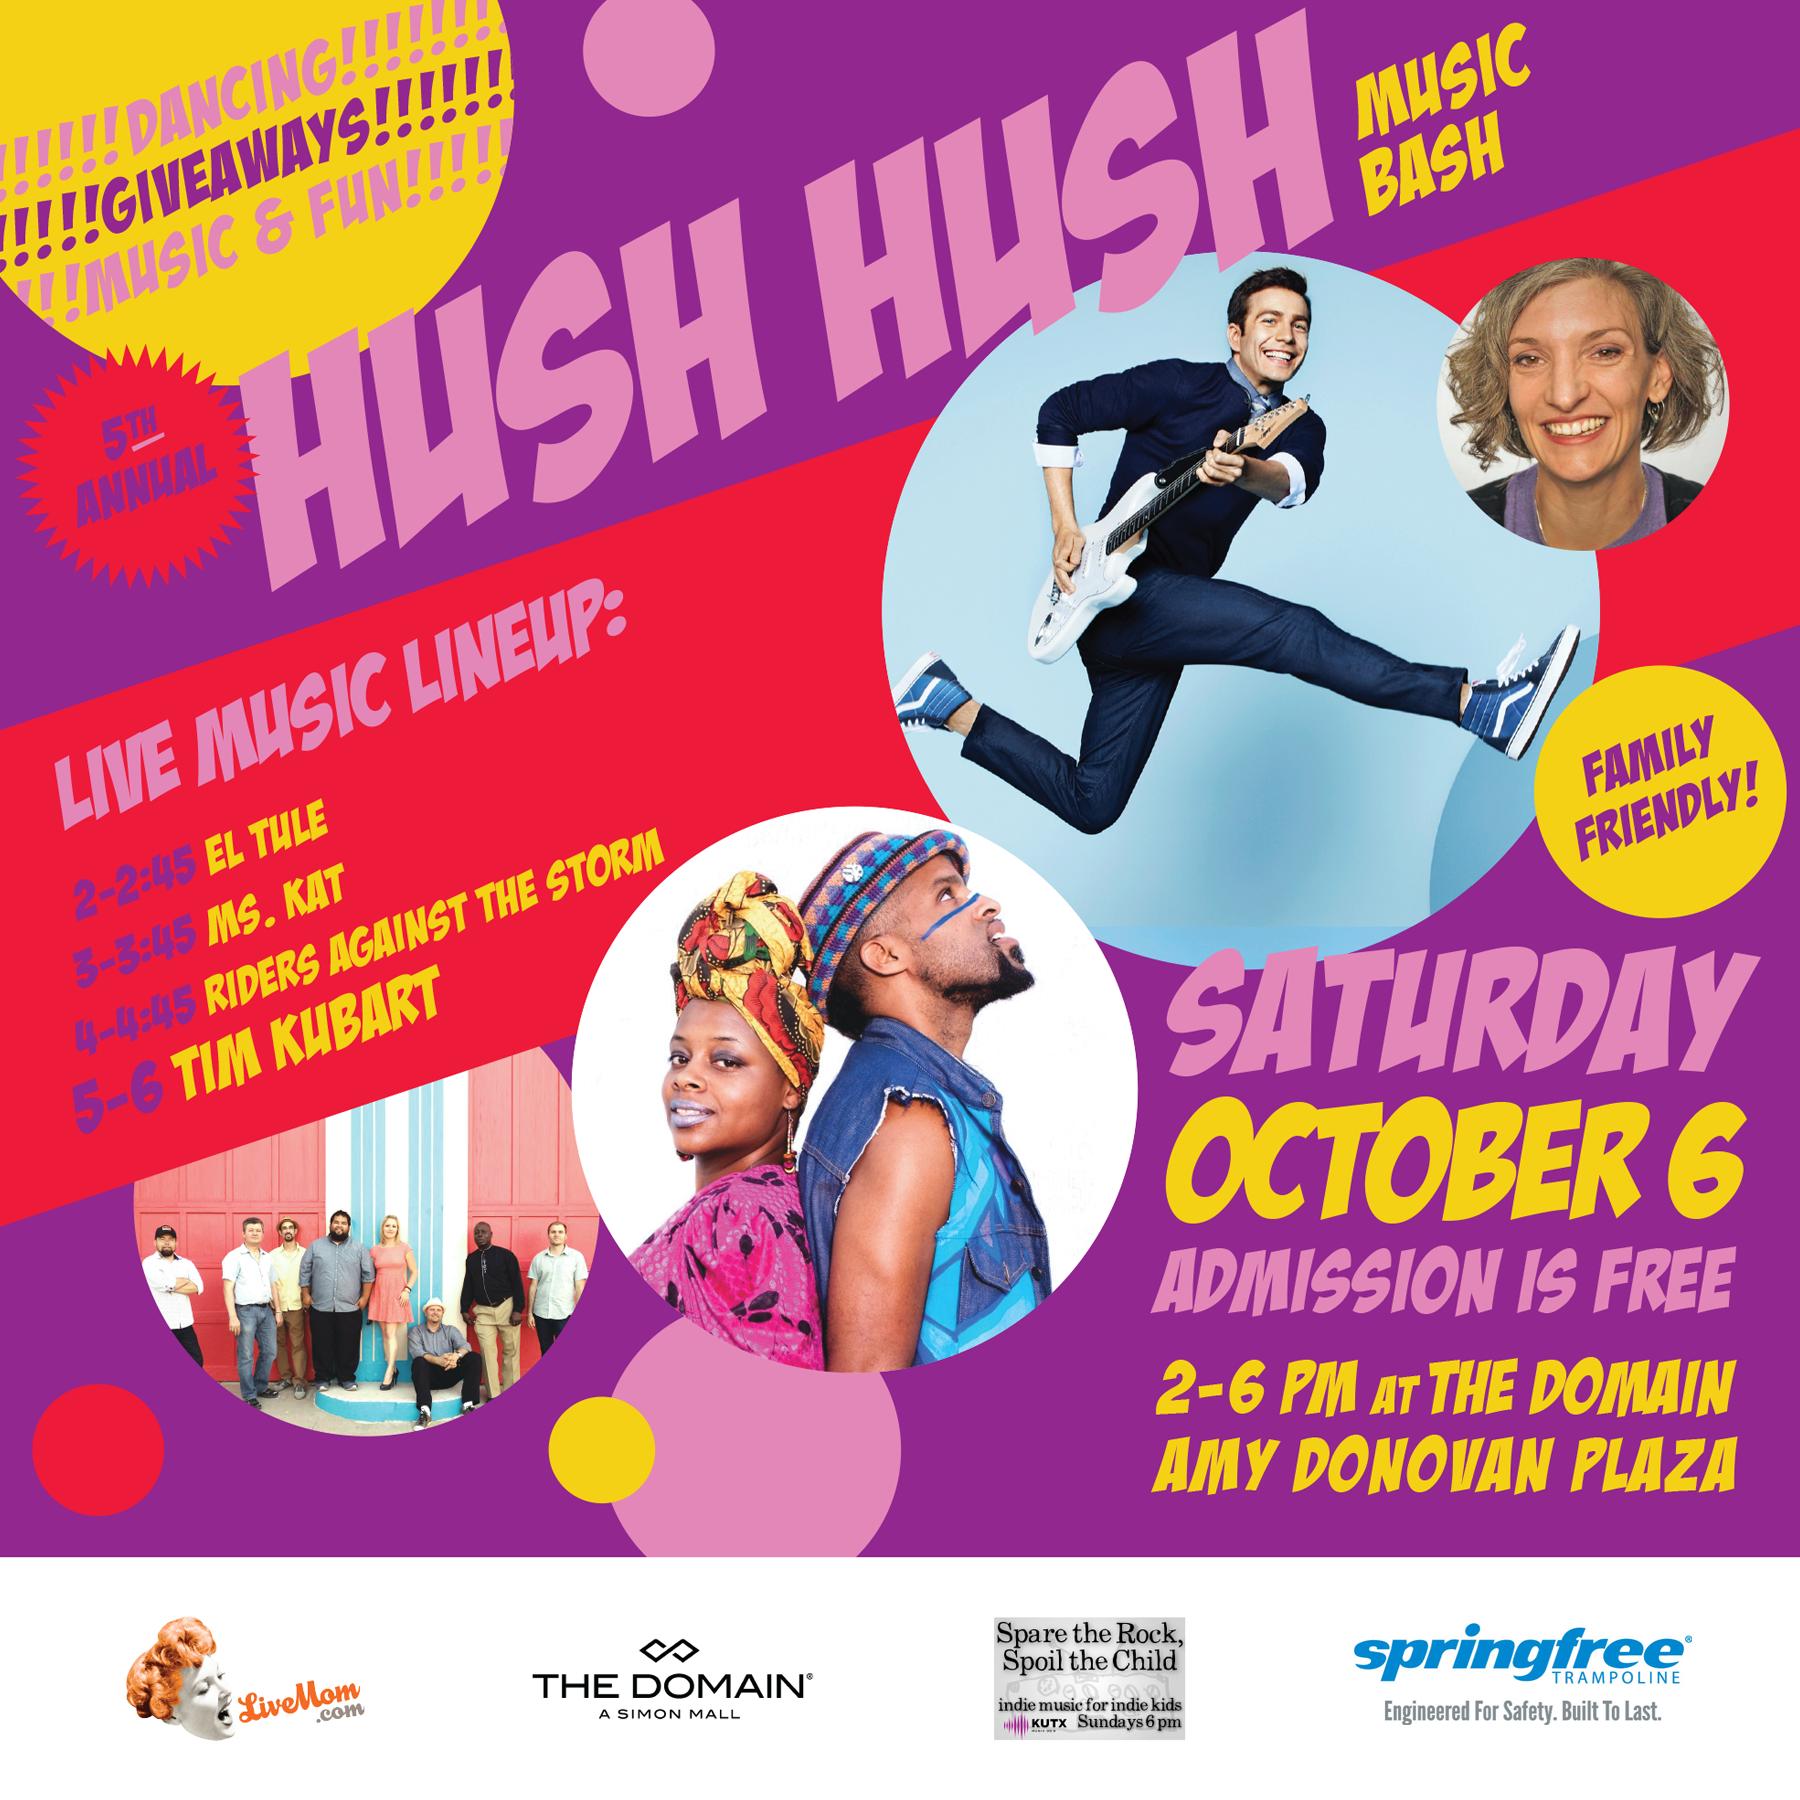 hushhush2018_final